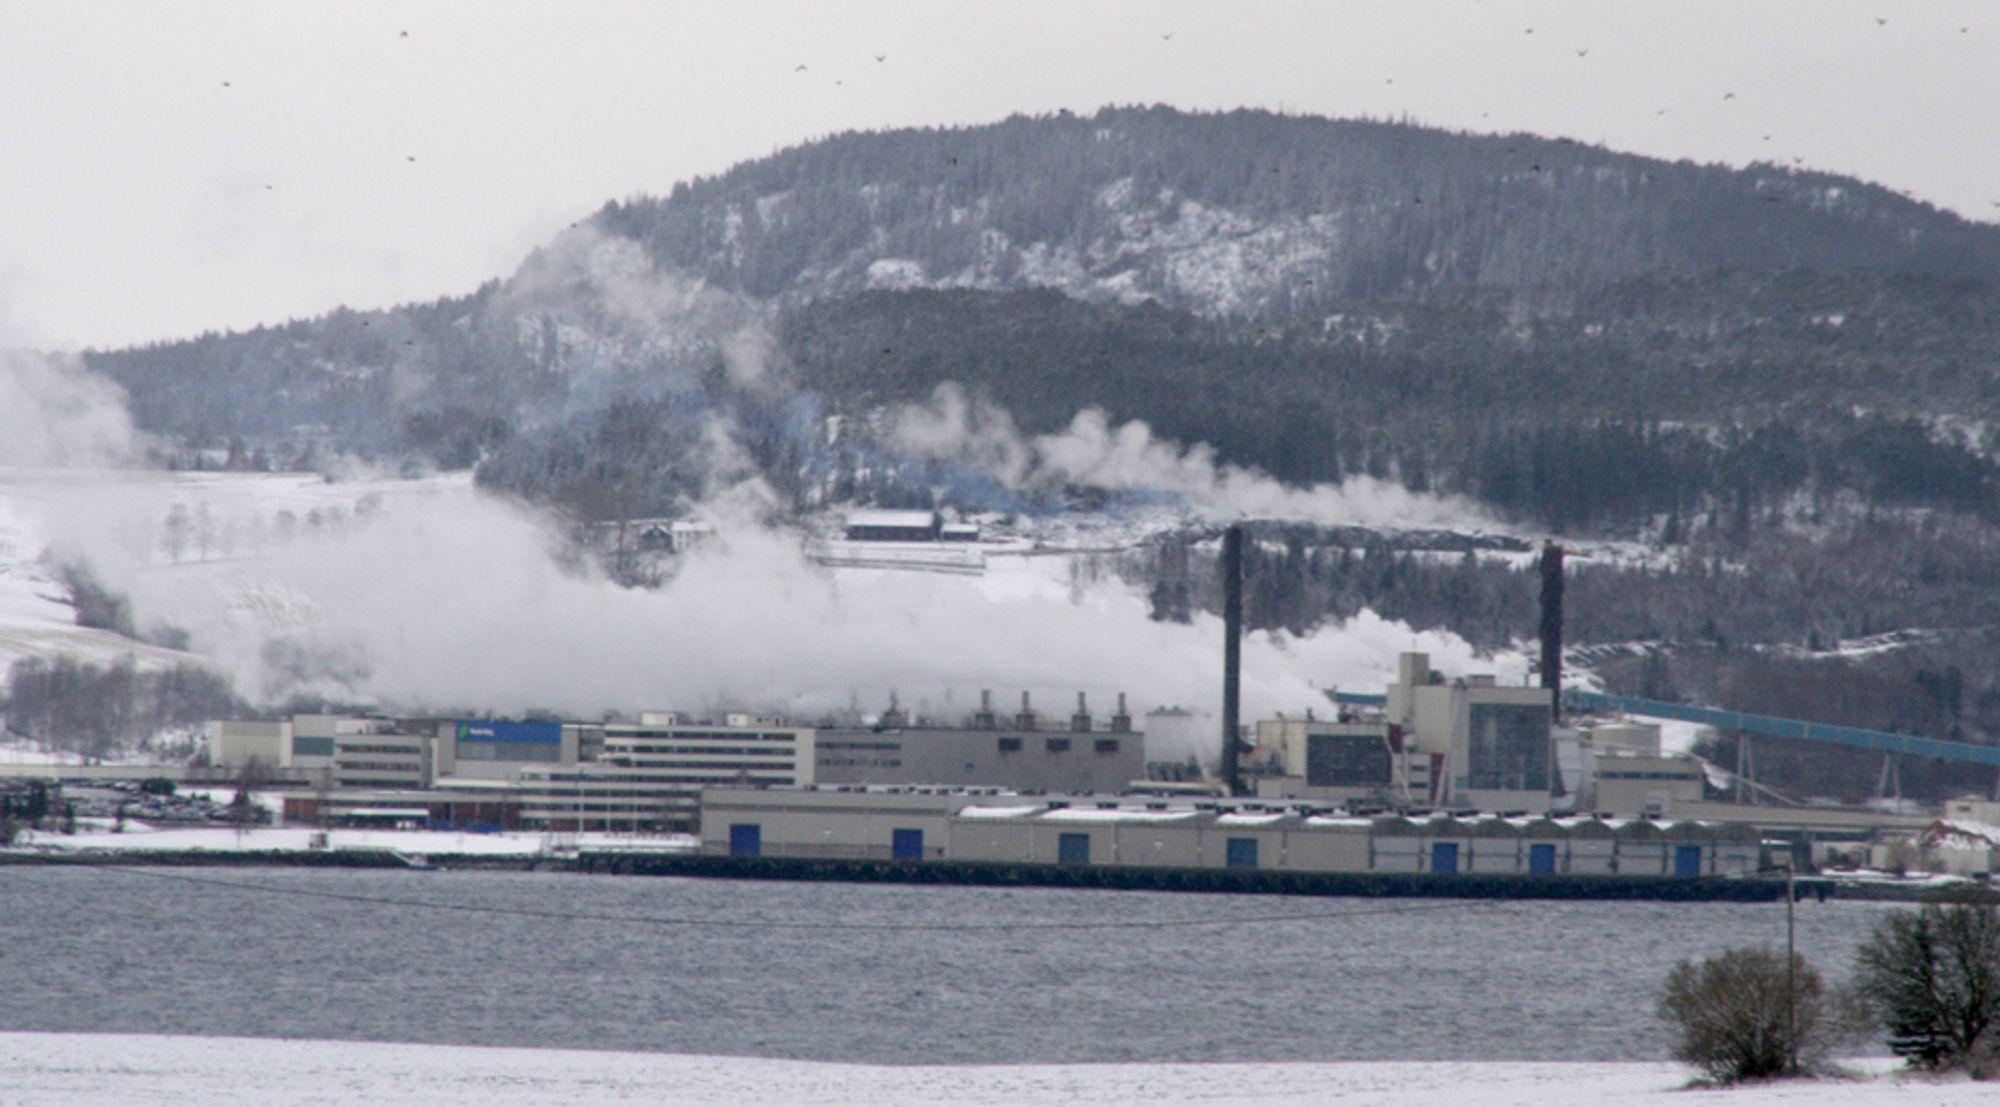 GÅR FOR CO2-HÅNDTERING: Industrikraft Midt-Norge vil ta investeringsbeslutning om gasskraftverk med CO2-rensing i 2008.